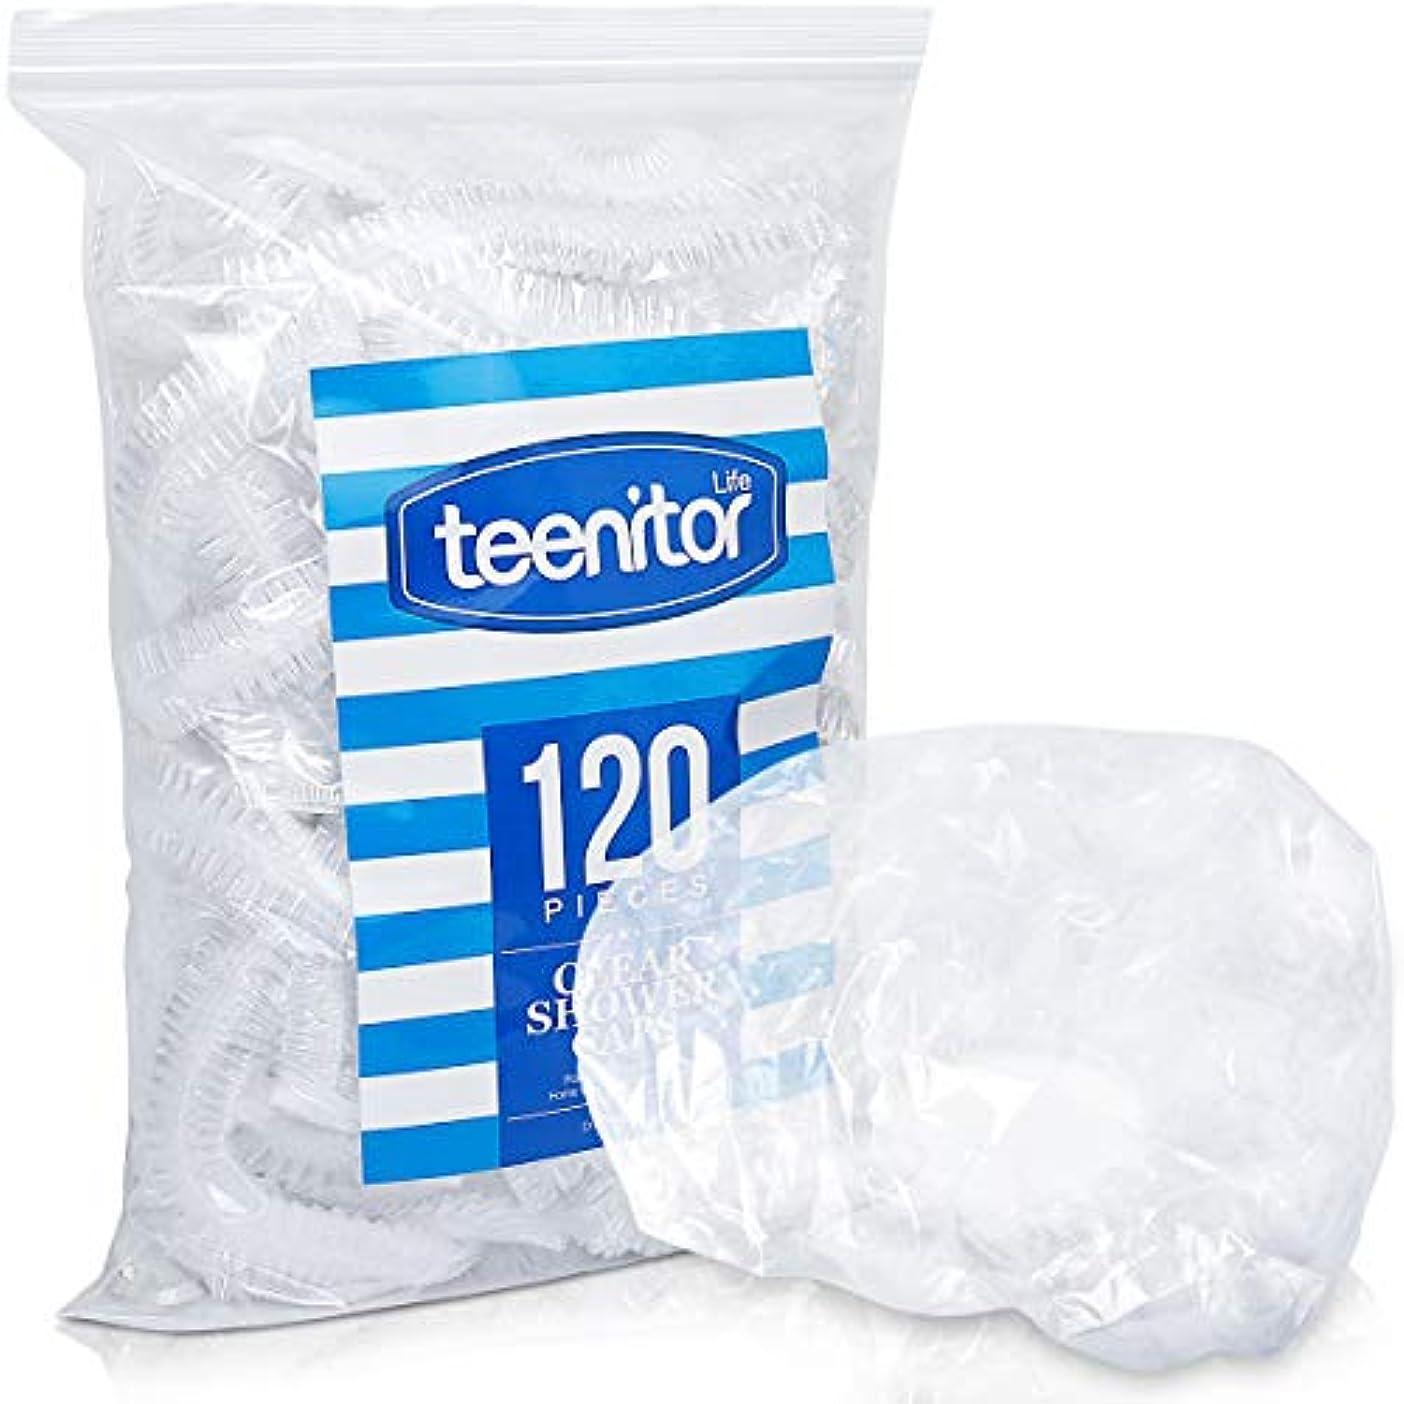 シロナガスクジラコーナー見つけたTeenitor 使い捨てキャップ シャワーキャップ ヘアキャップ120枚 高品質 髪染め用 ヘアカラー用 サロン用 業務用 フリーサイズ 男女兼用